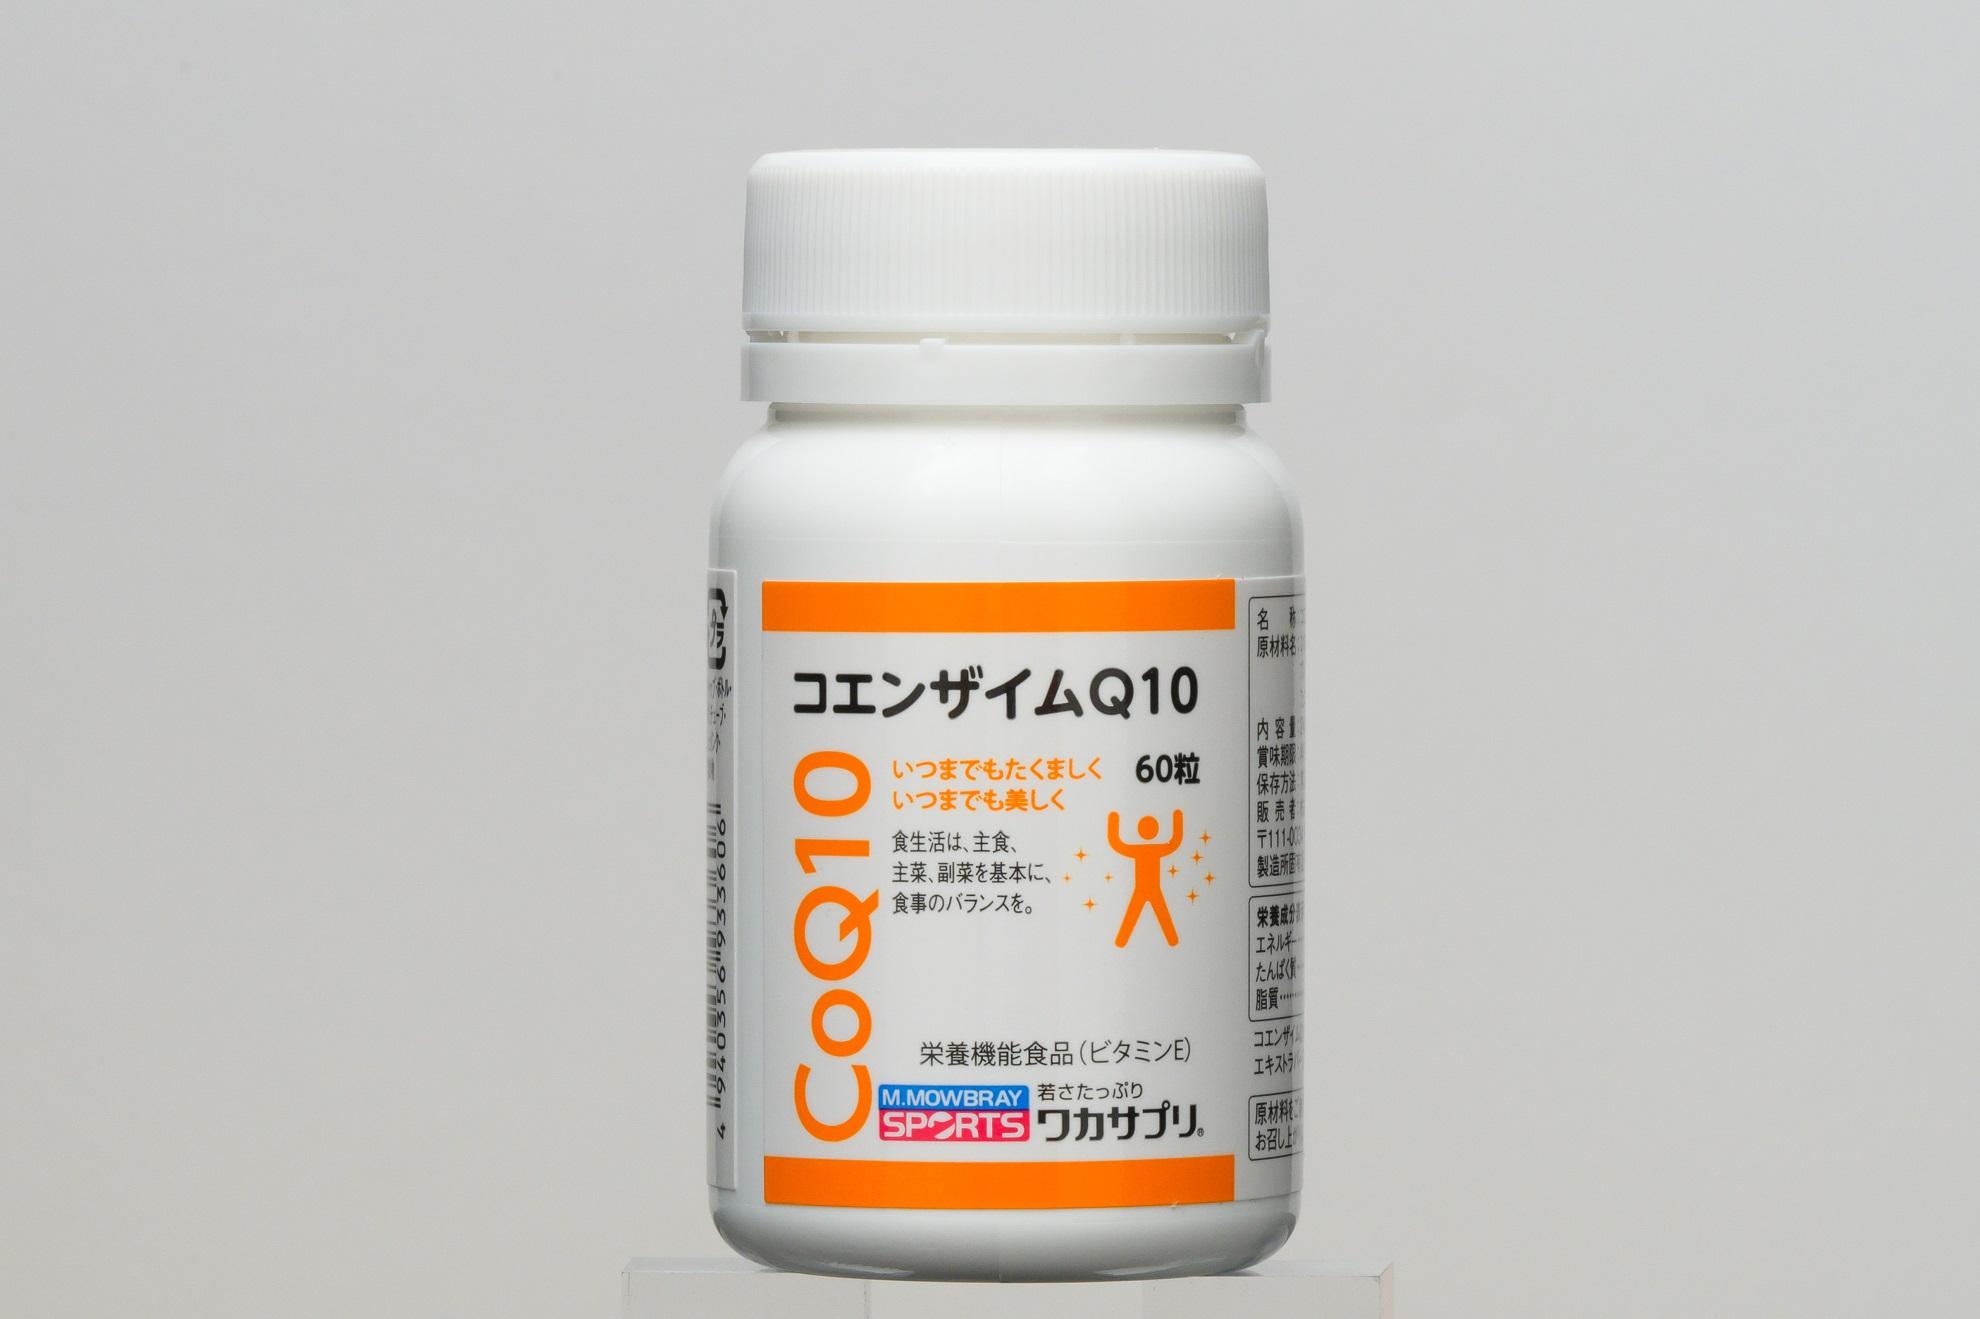 ワカサプリ×M.MOWBRAY SPORTS コエンザイムQ10